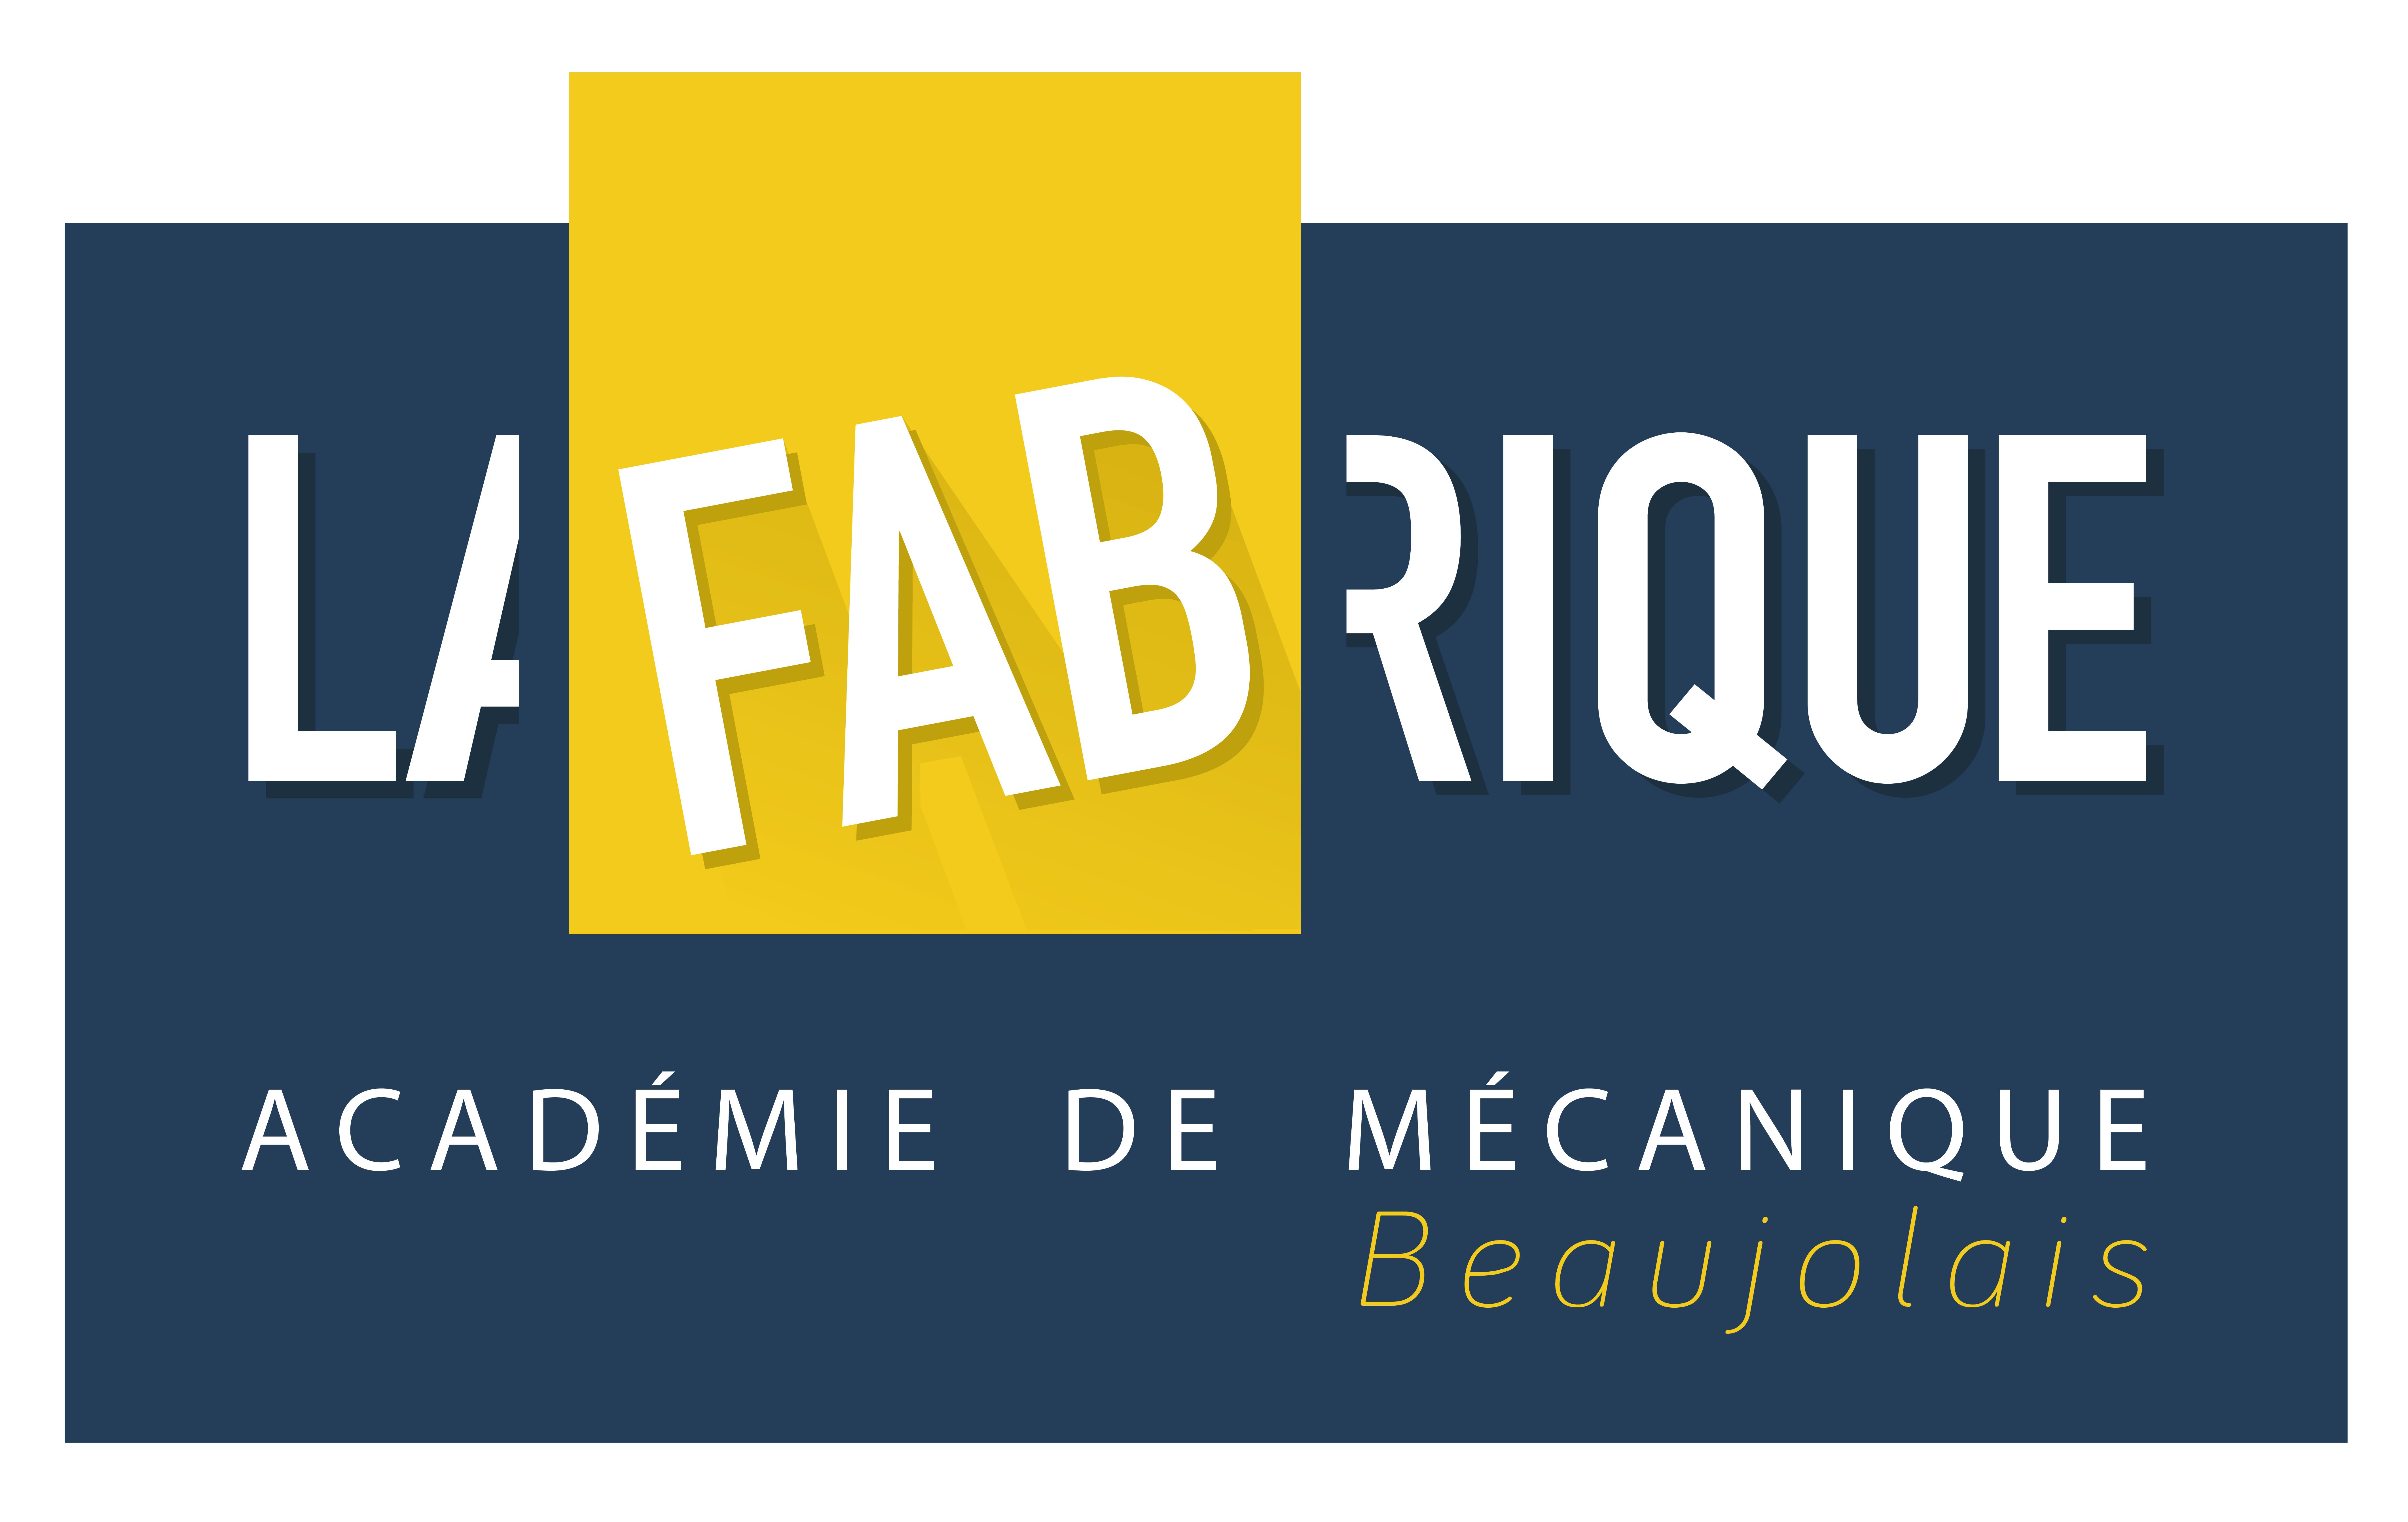 La Fabrique – Académie de mécanique